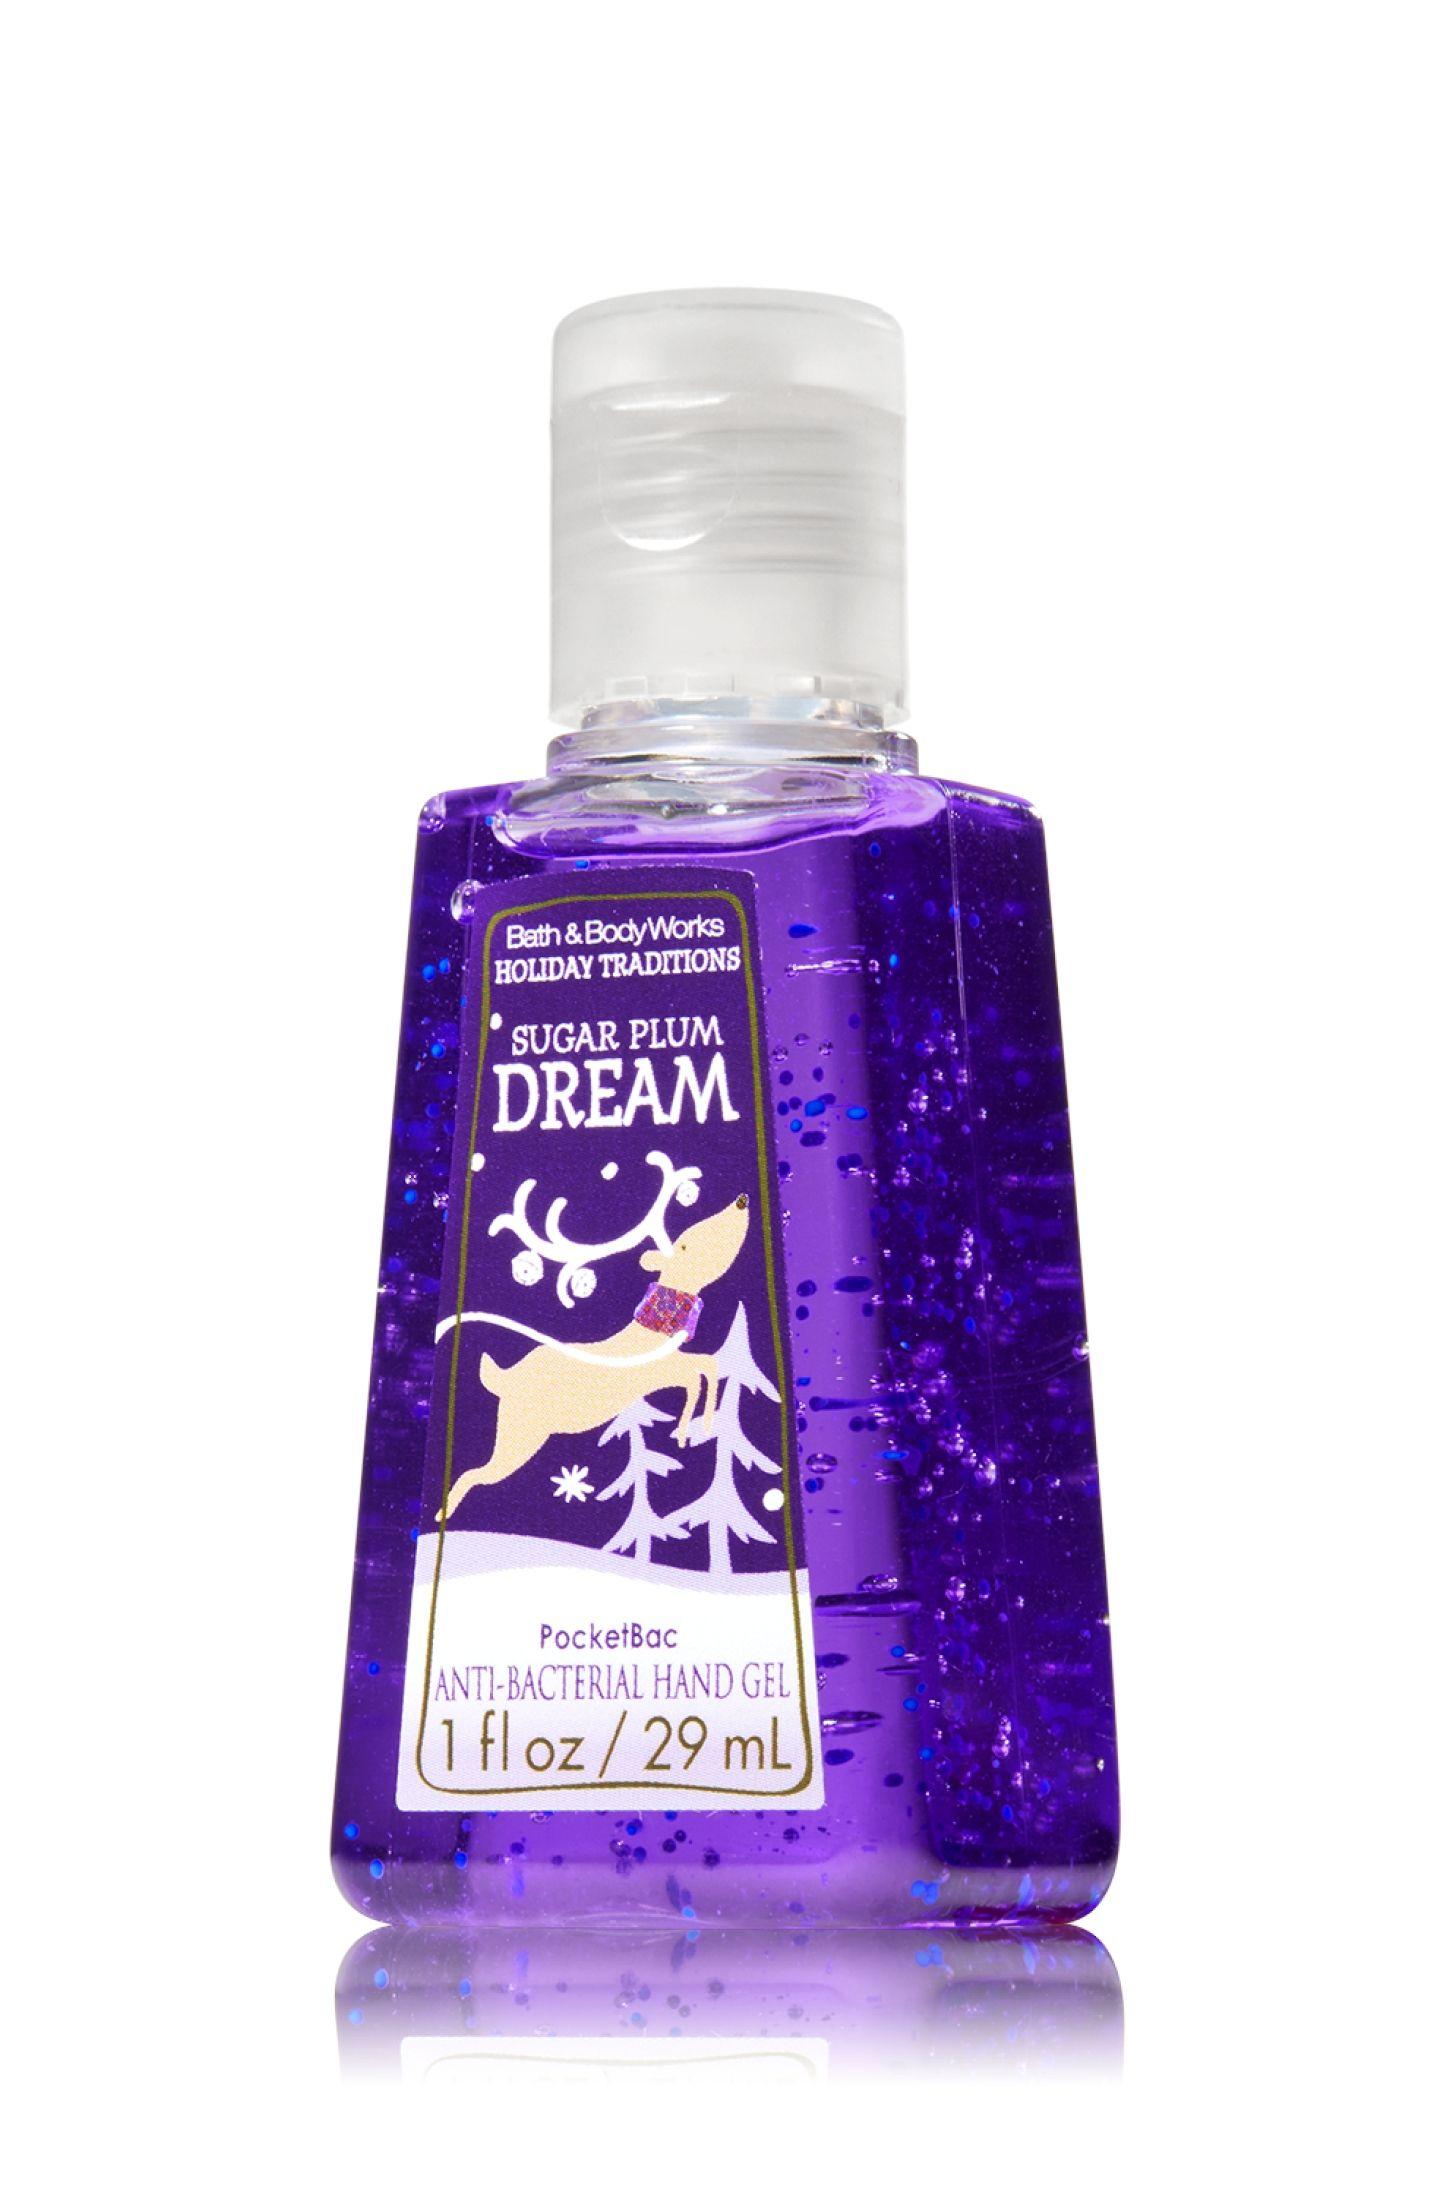 Sugar Plum Dream Pocketbac Sanitizing Hand Gel Soap Sanitizer